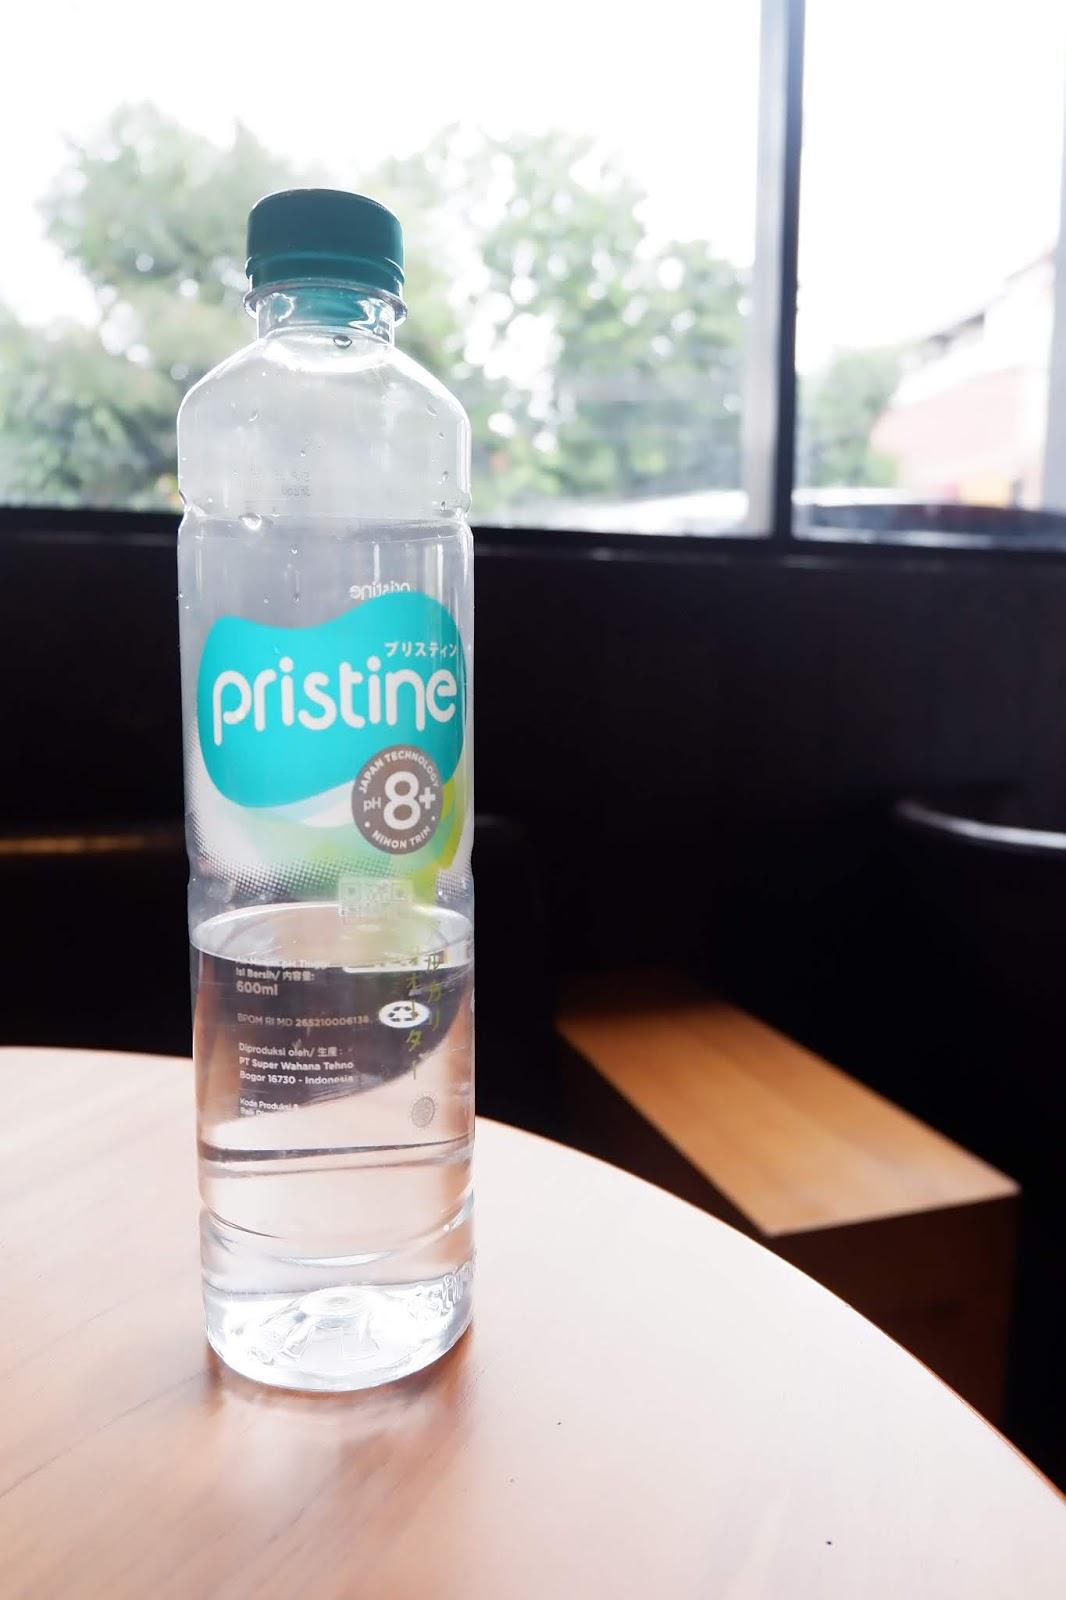 Pristine8 Dengan Berjuta Manfaatnya